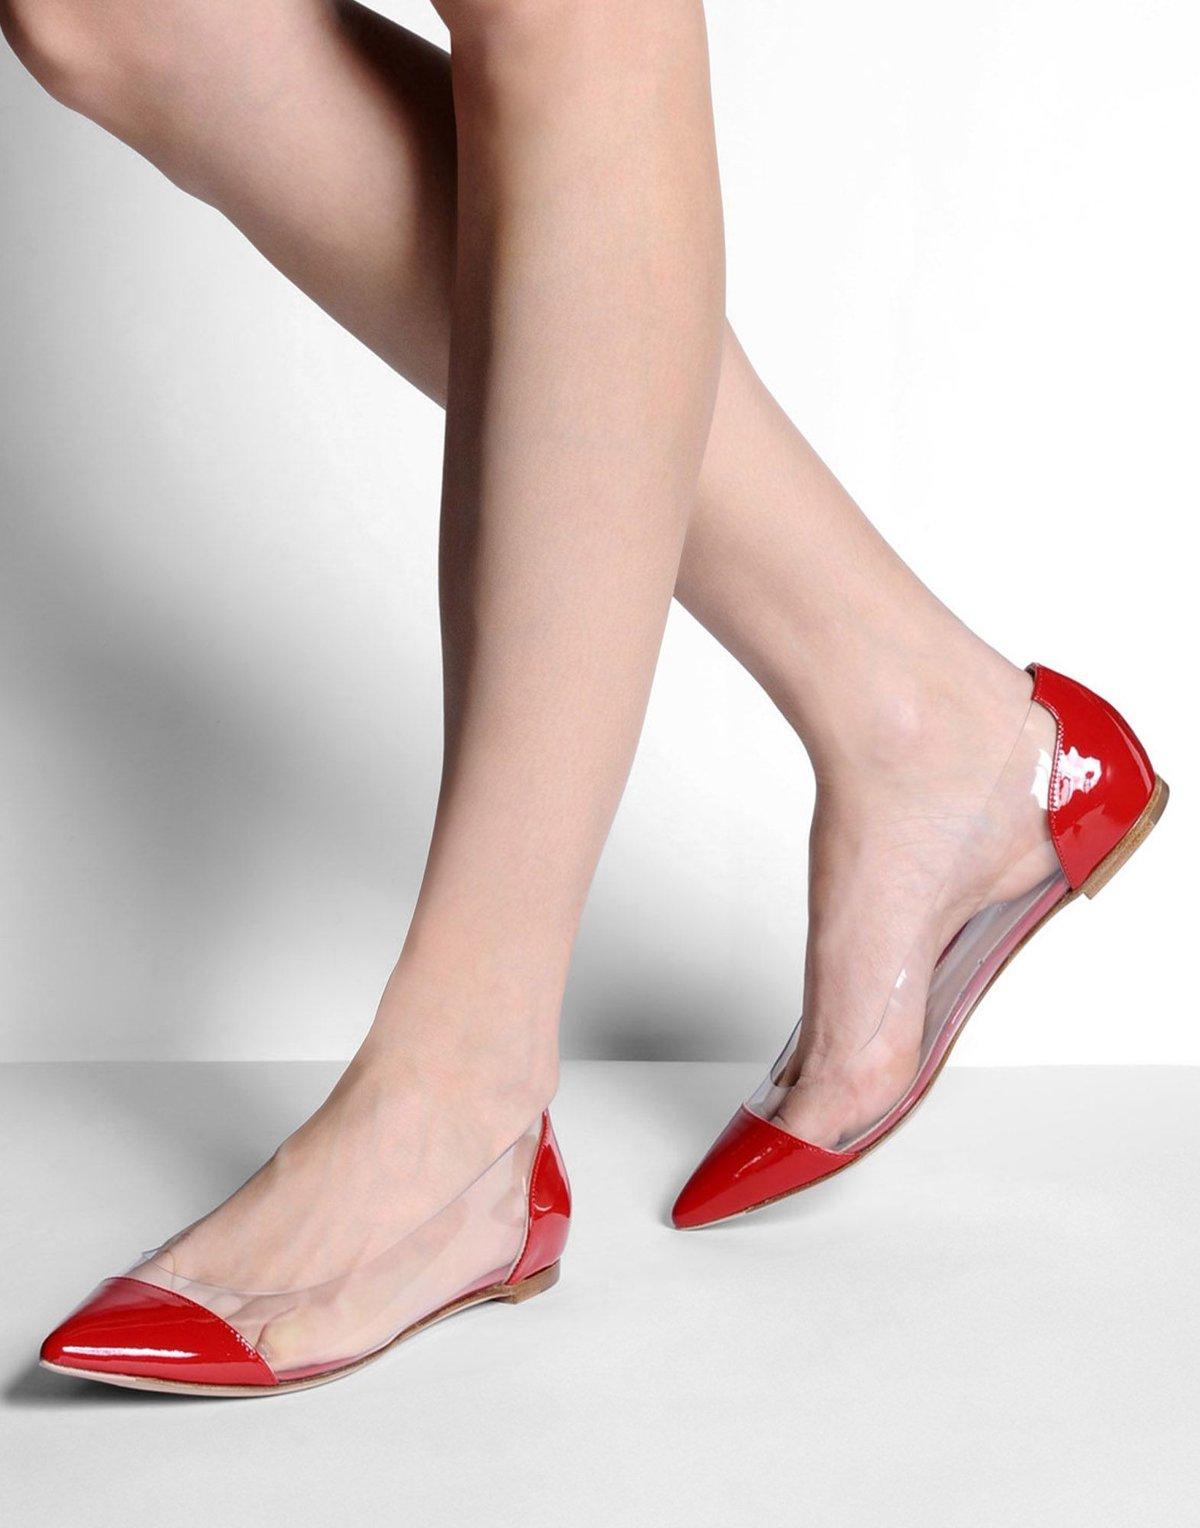 женские ноги балетках картинки интенсивного кремовато-белого